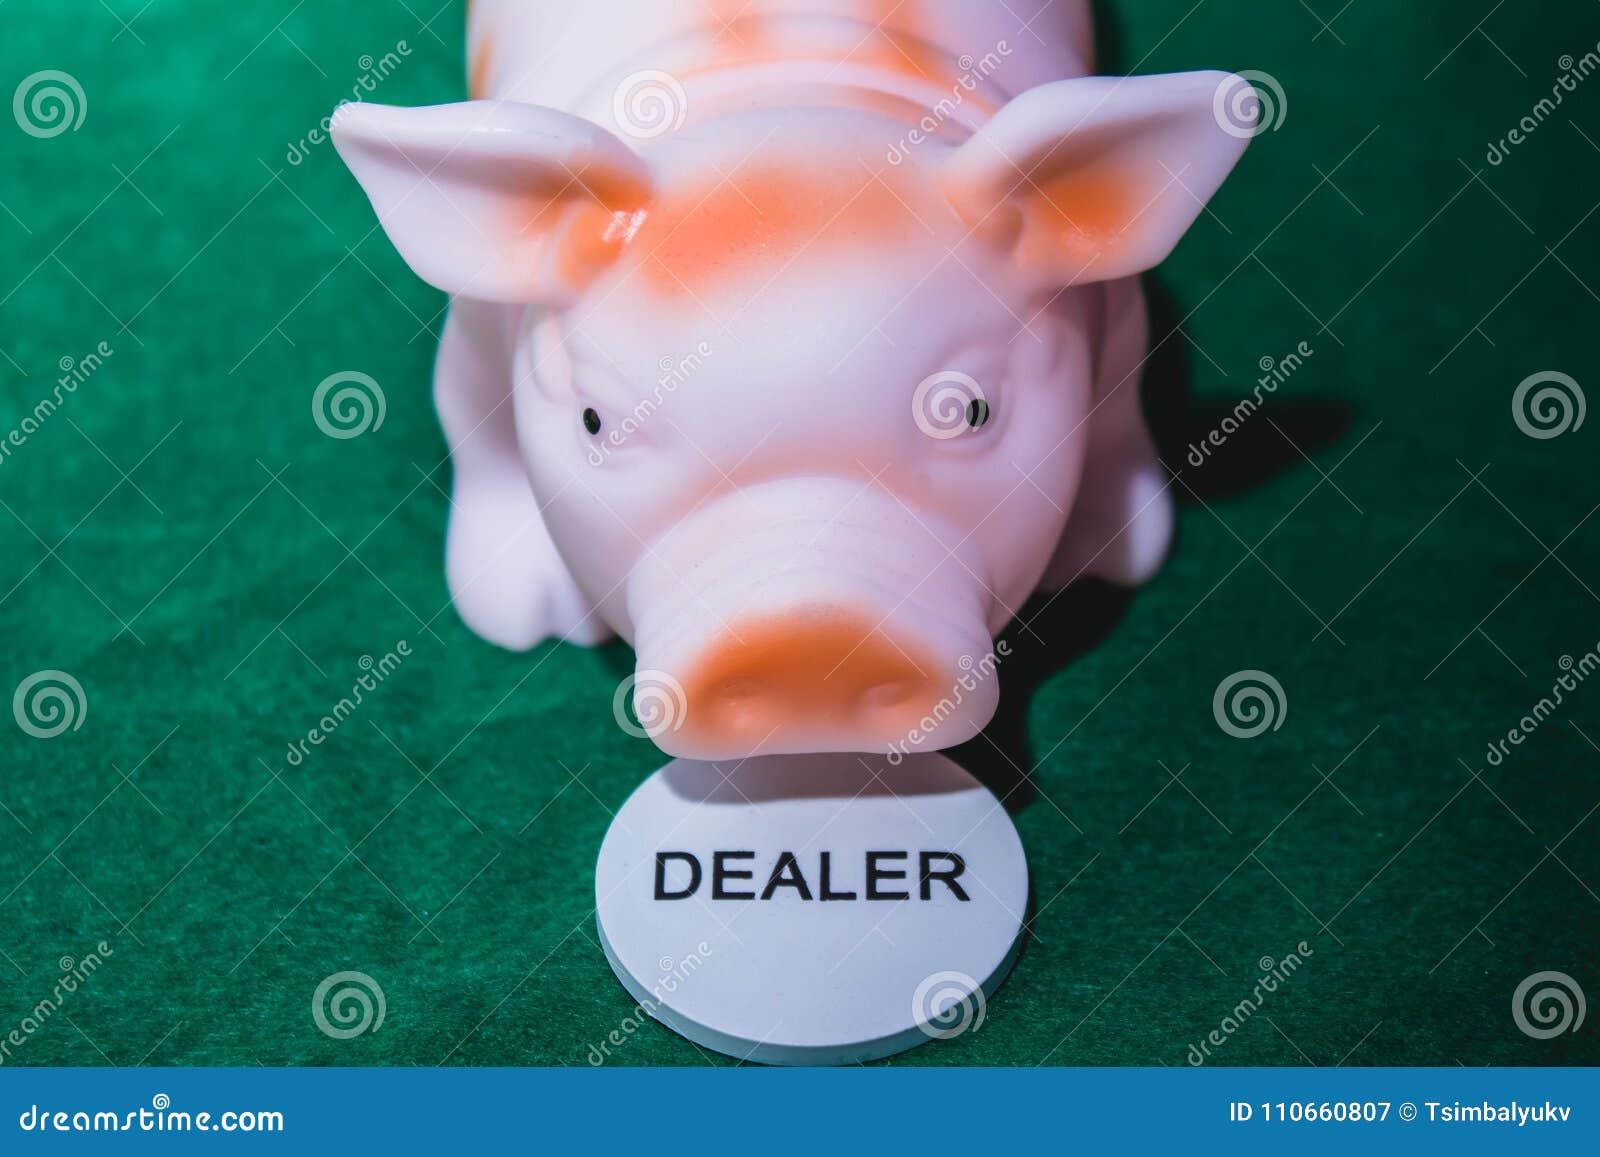 Pokerhändlerschwein